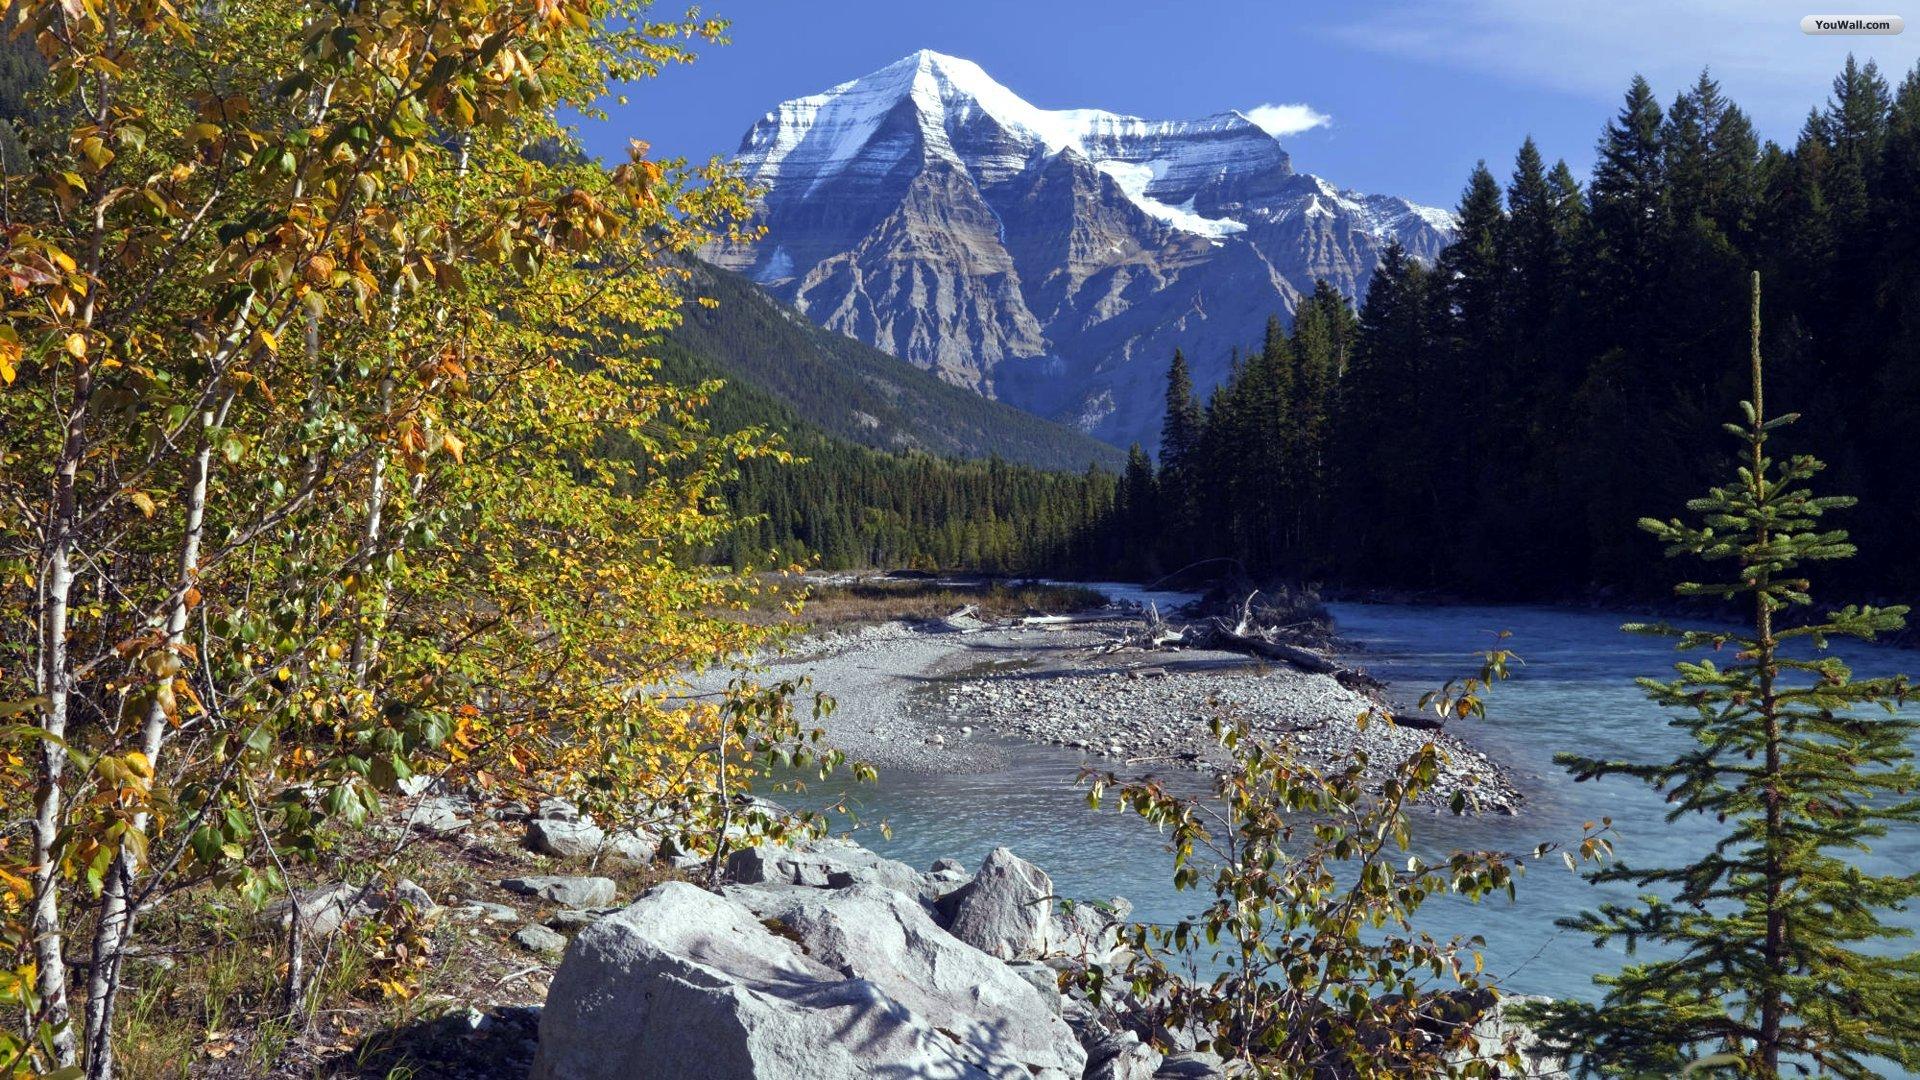 river wallpaper wallpaper wallpapers mountain and river wallpaper 1920x1080